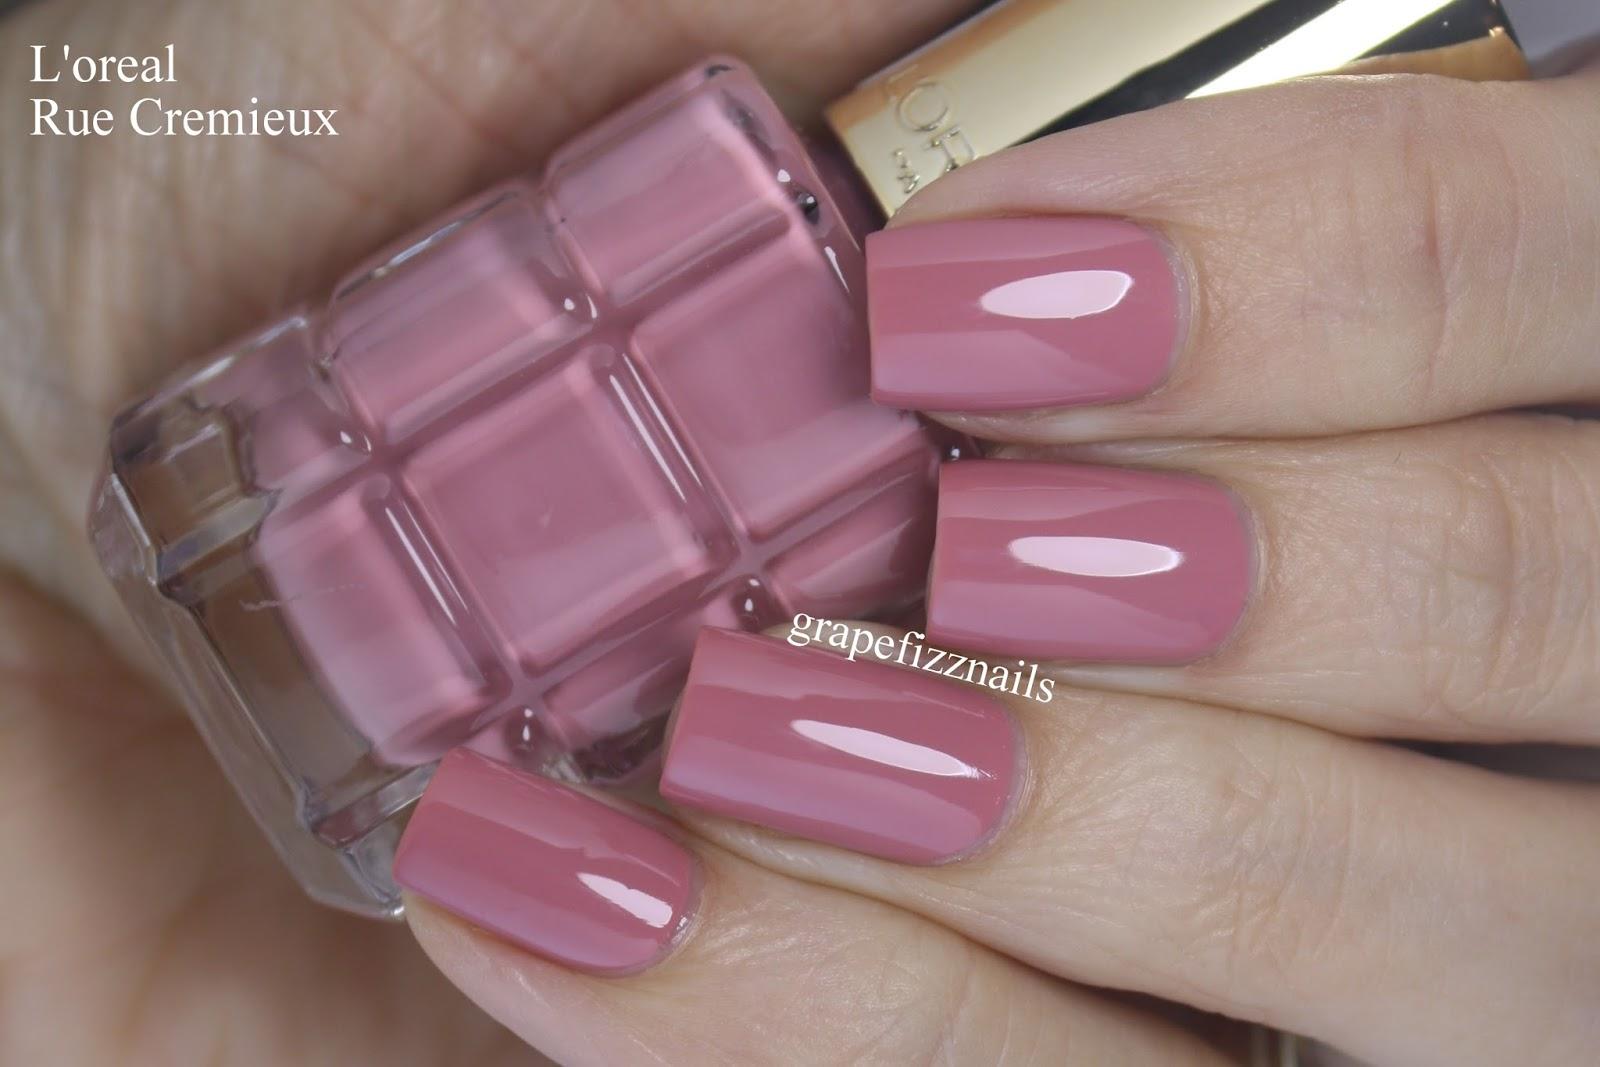 Grape Fizz Nails: L\'oreal Paris Color Riche, Rue Cremieux Swatch